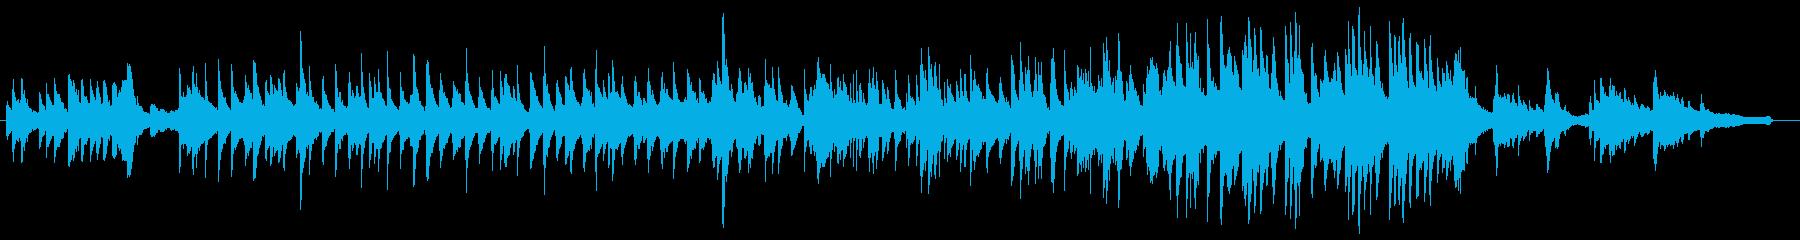 柔らかく揺れる美しいピアノジャズワルツの再生済みの波形